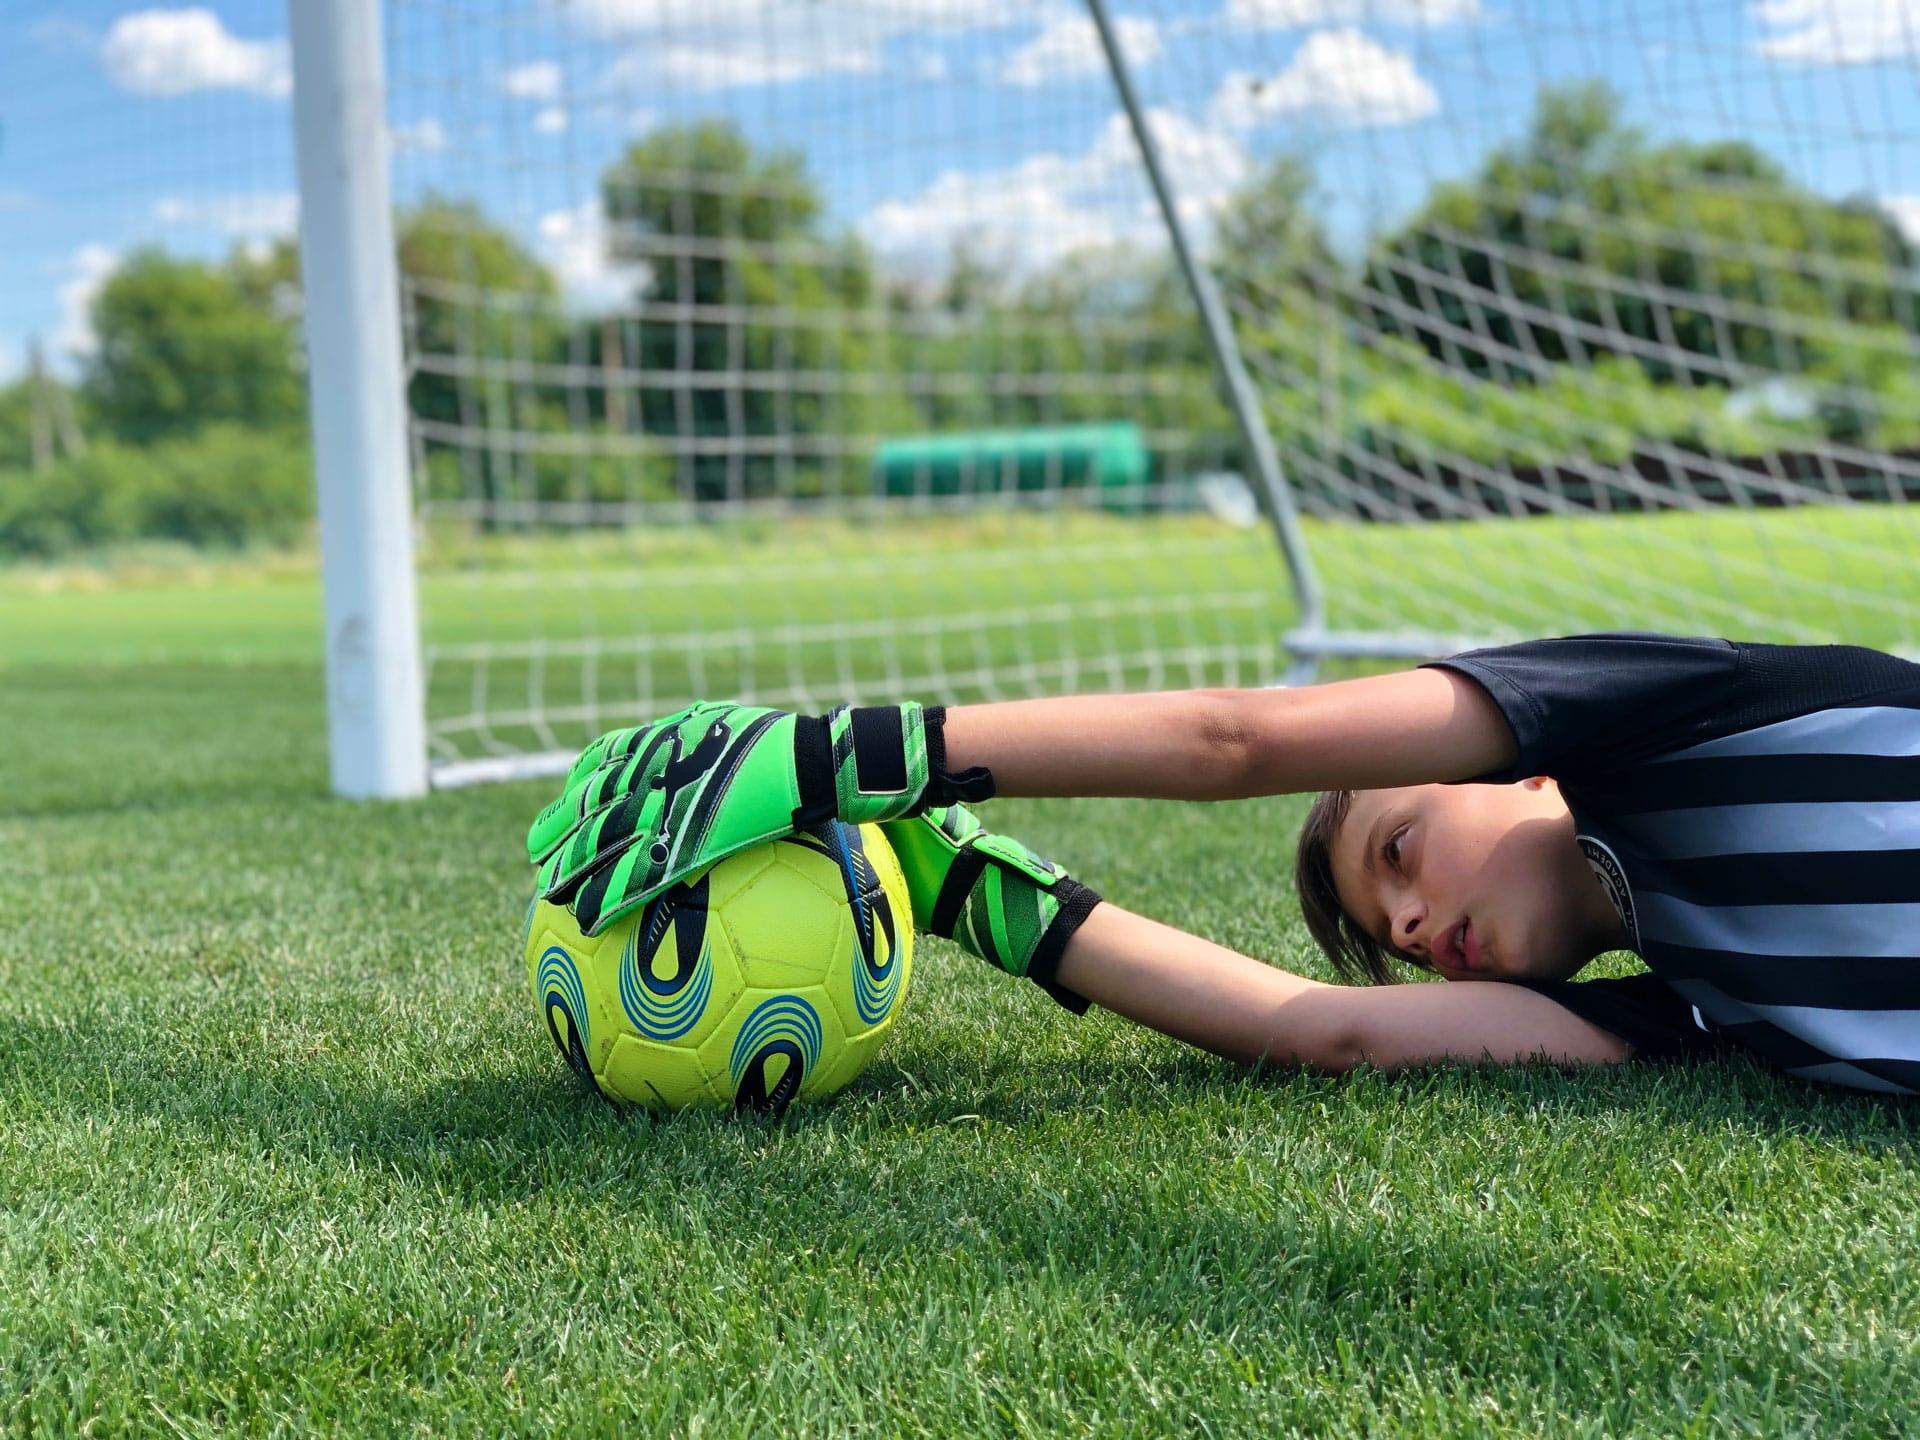 Children's goalkeeper gloves Brave Extreme official online store Brave GK